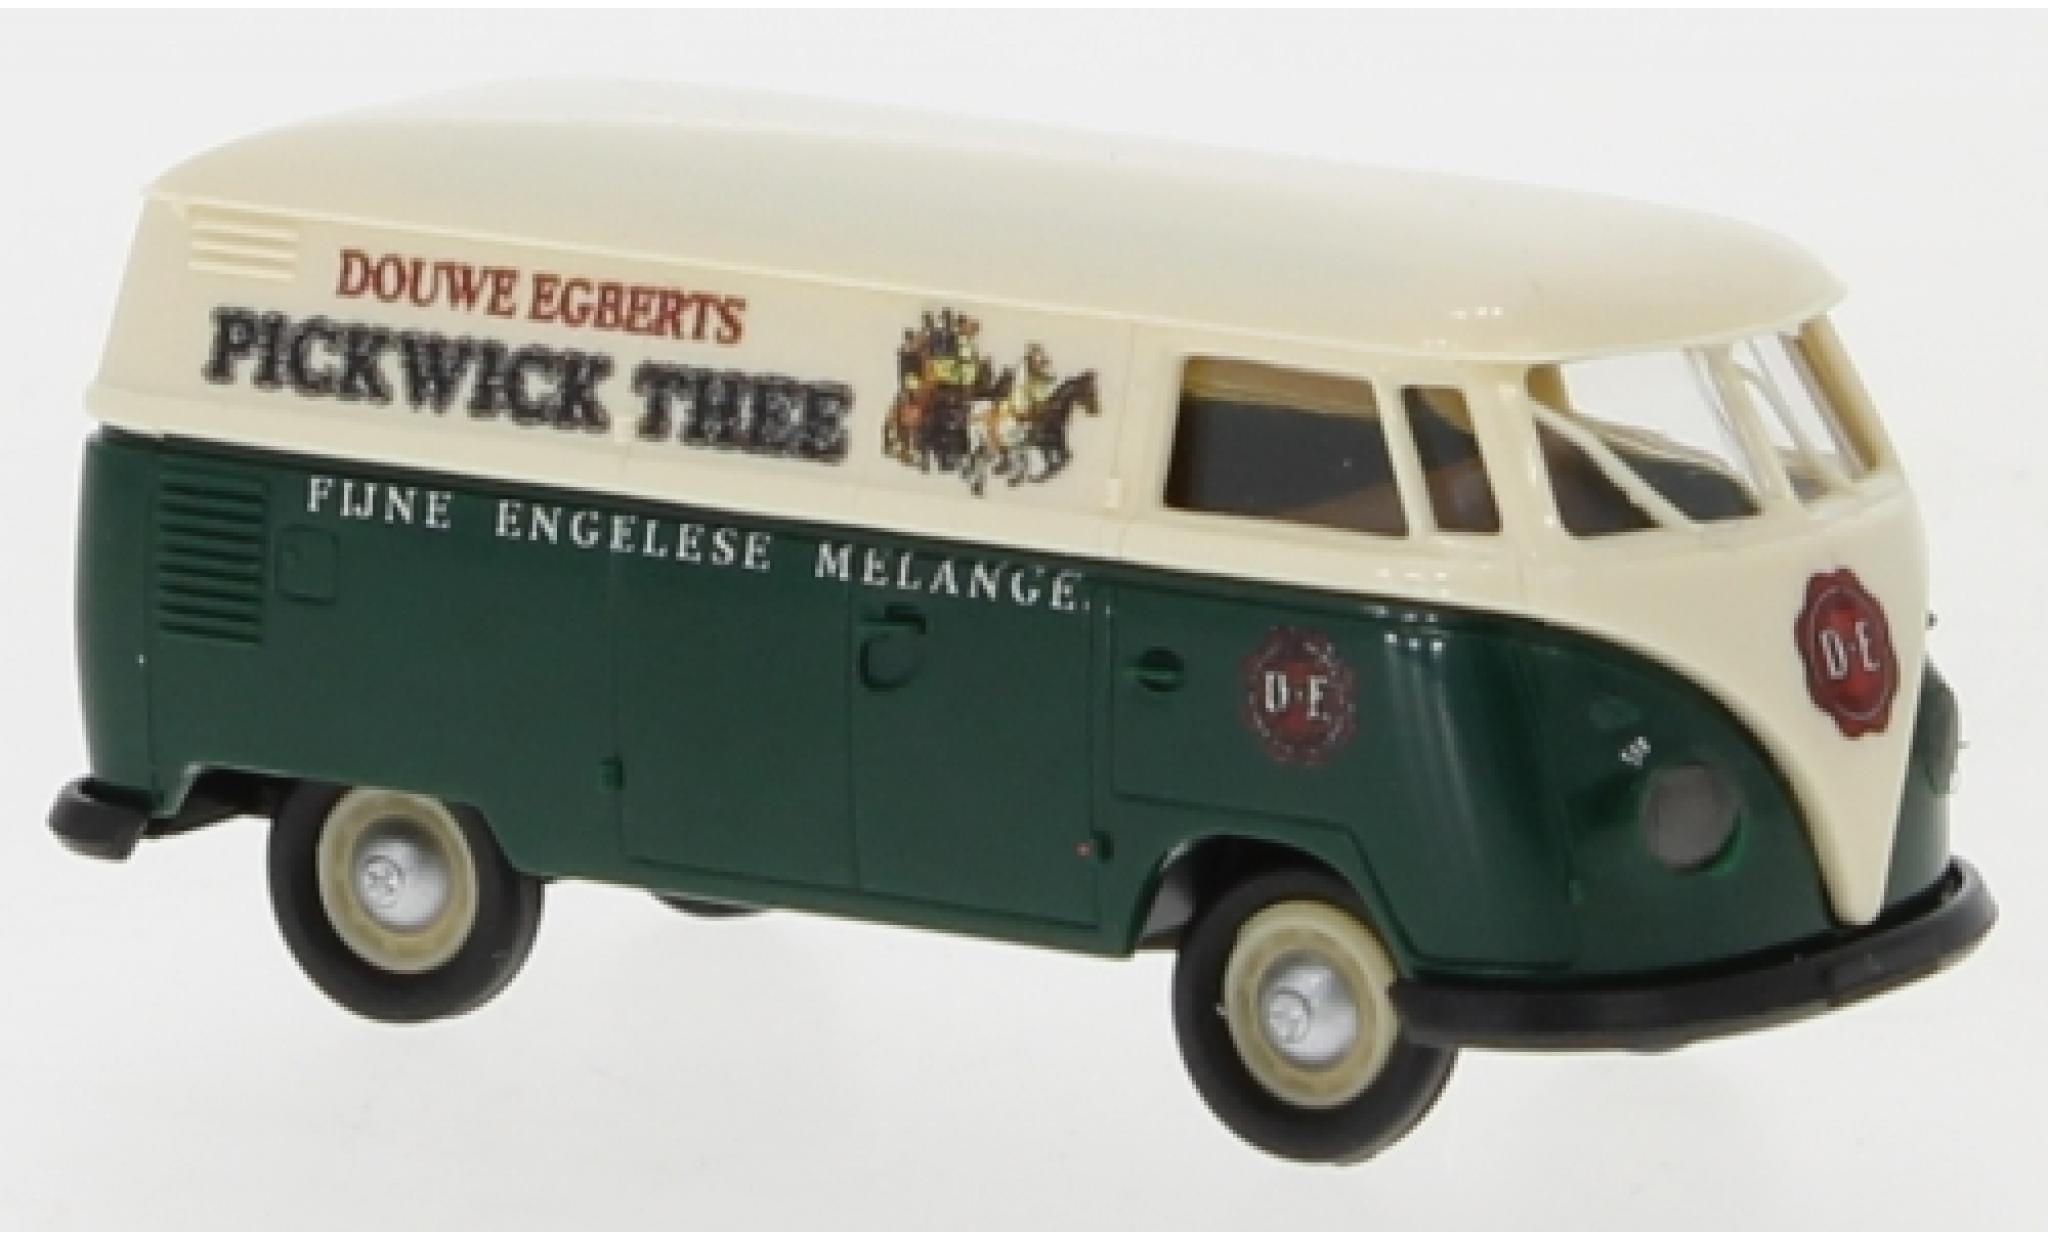 Volkswagen T1 1/87 Brekina b Kasten Pickwick Thee 1960